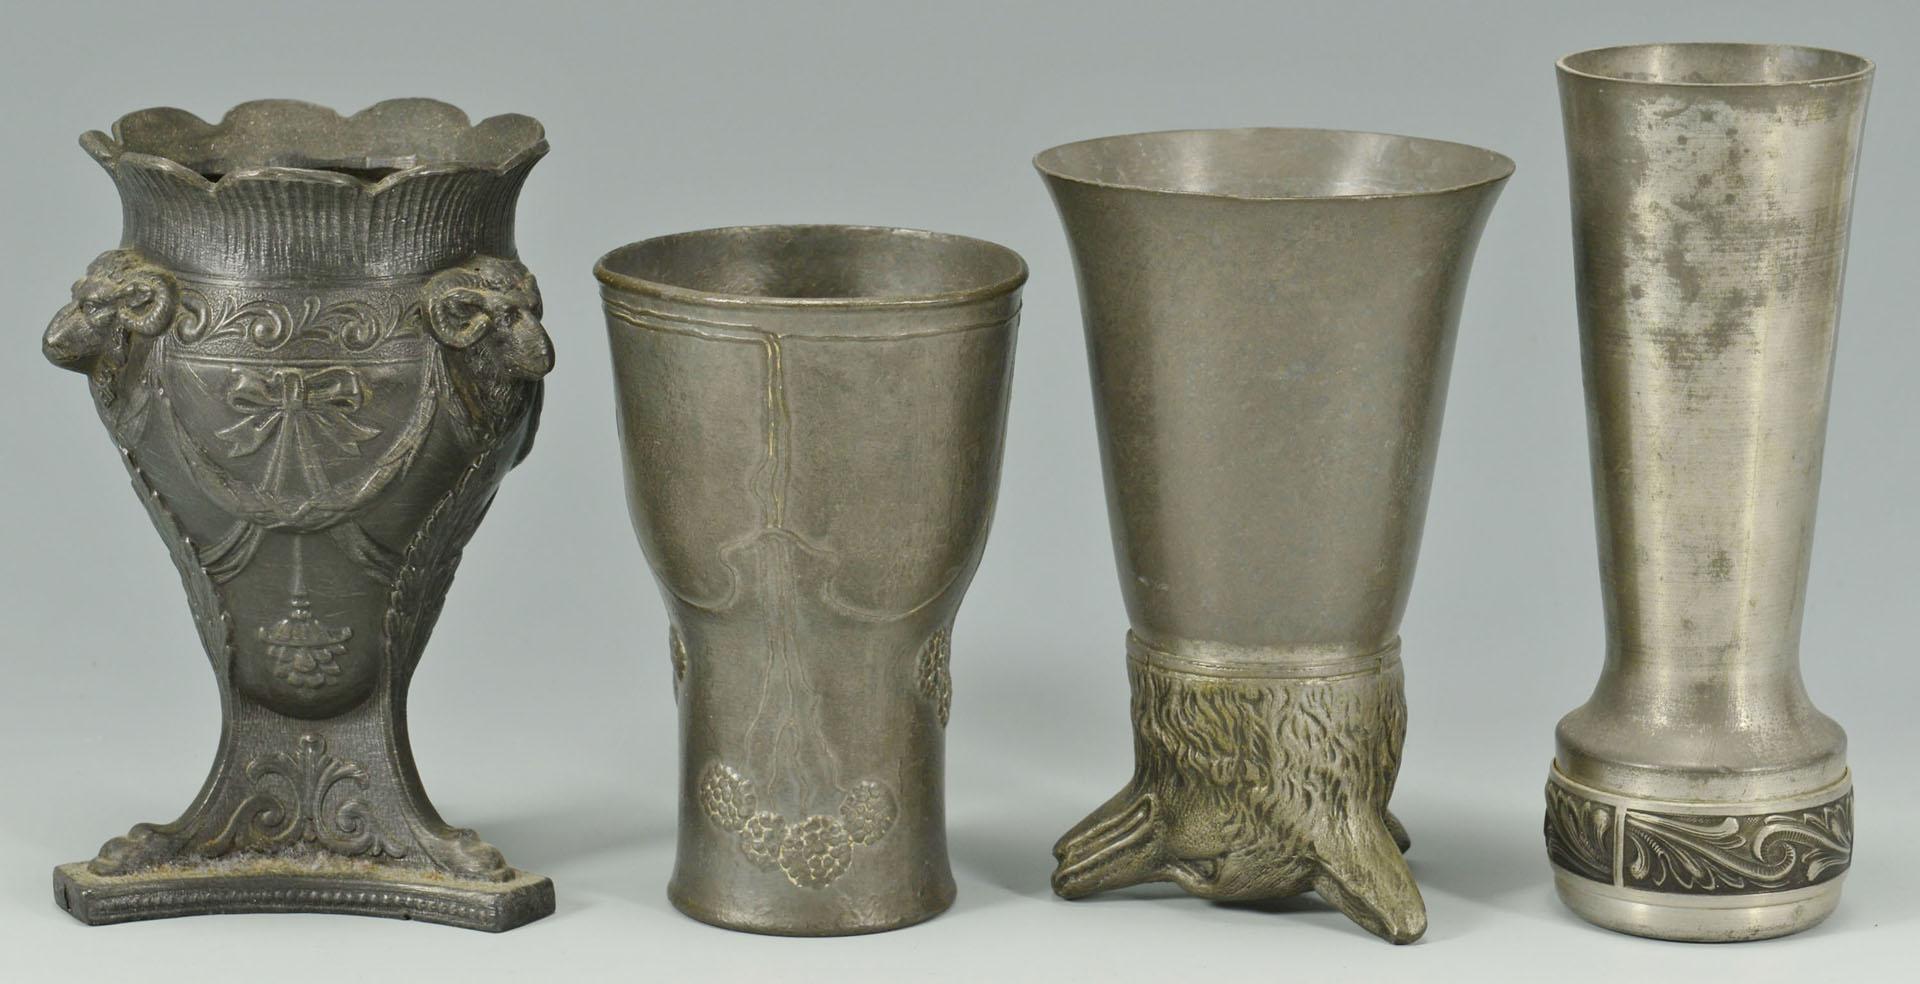 Lot 724: Six decorative pewter items including Jugendstil